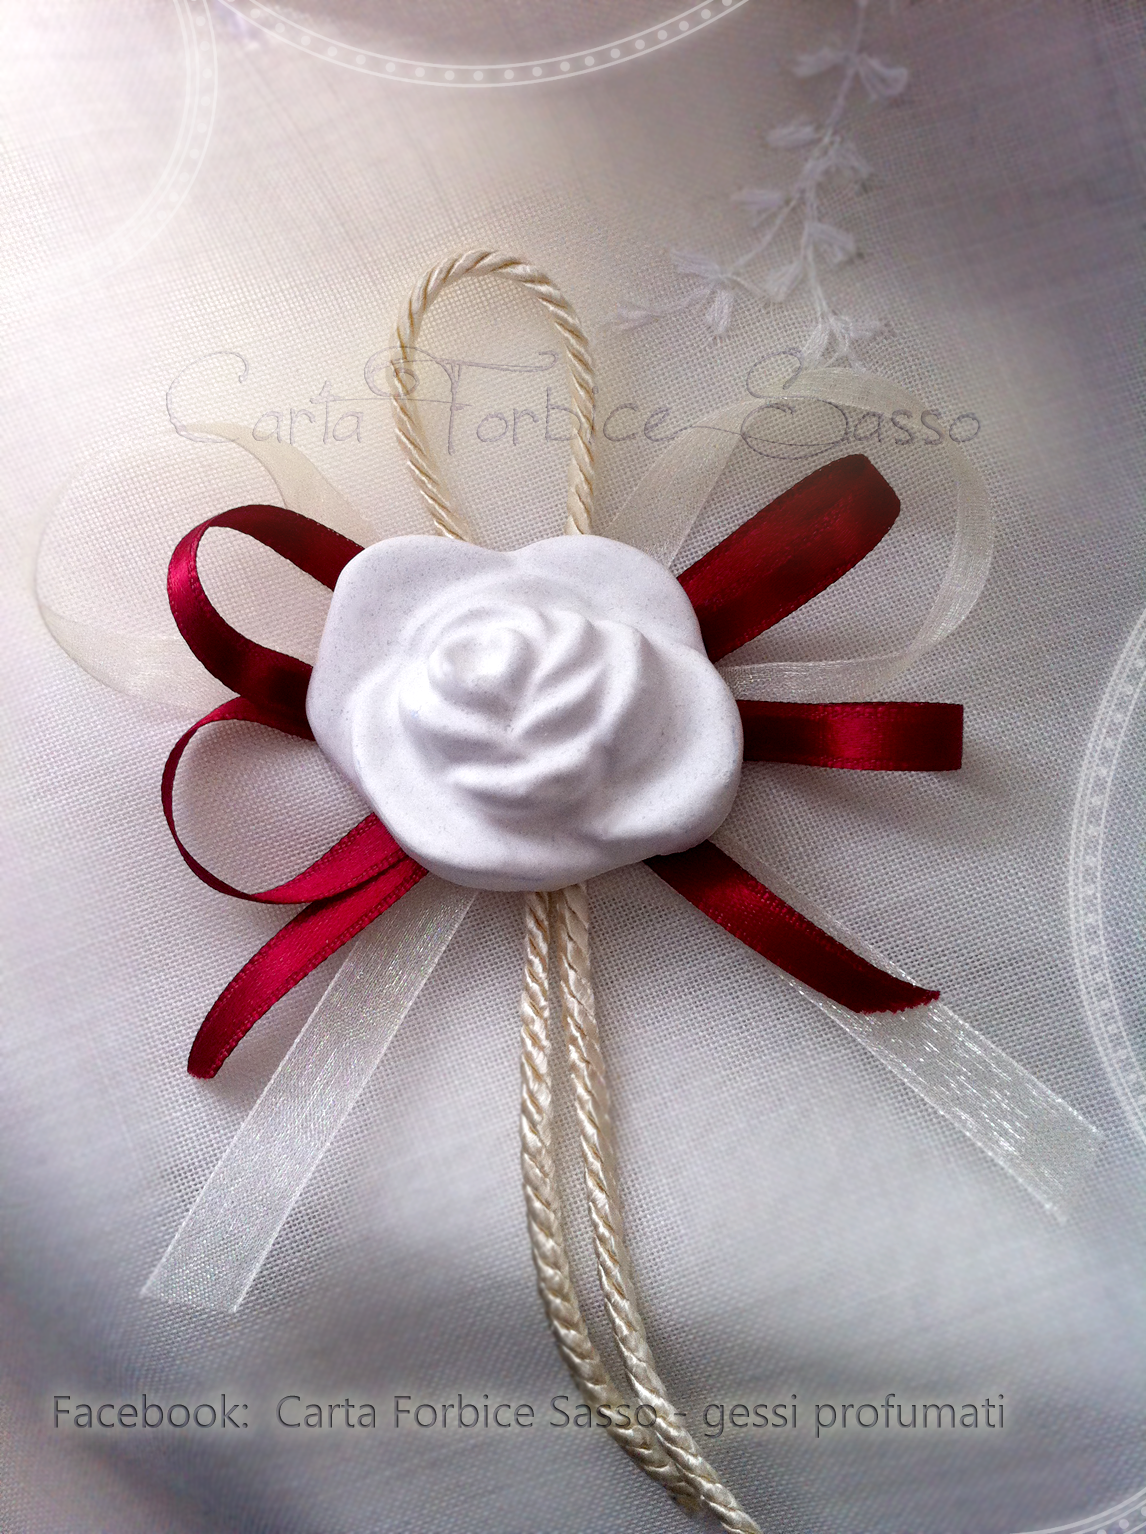 Segnaposto Matrimonio Azzurro : Segnaposto matrimonio con cordoncino raso e organza